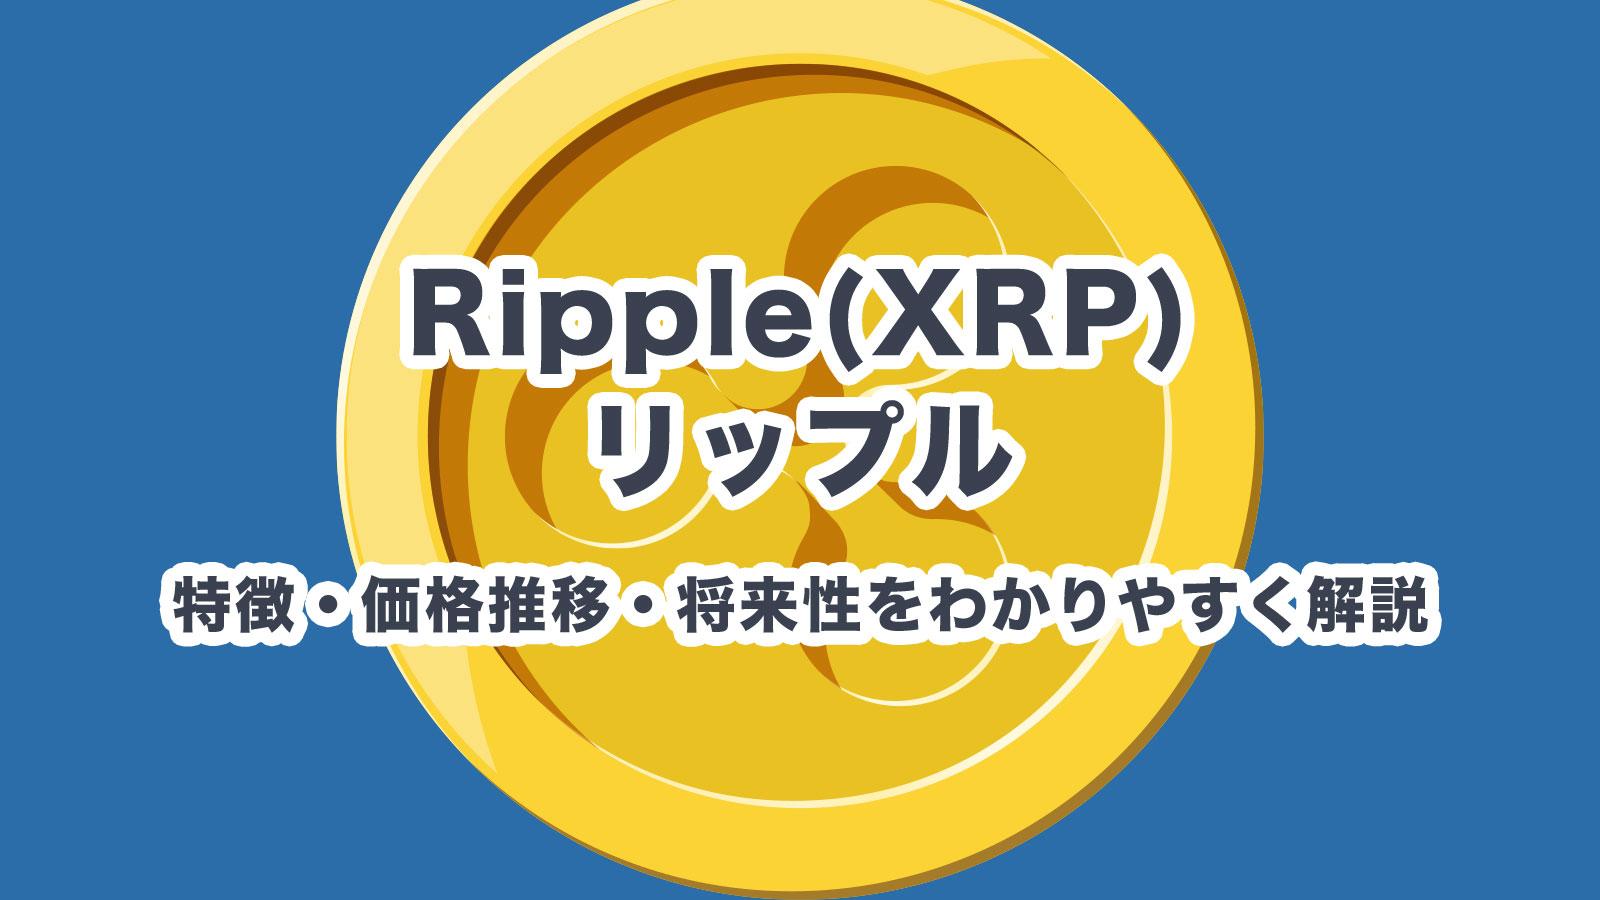 リップル(Ripple)XRPとは?特徴・価格推移・将来性をわかりやすく解説